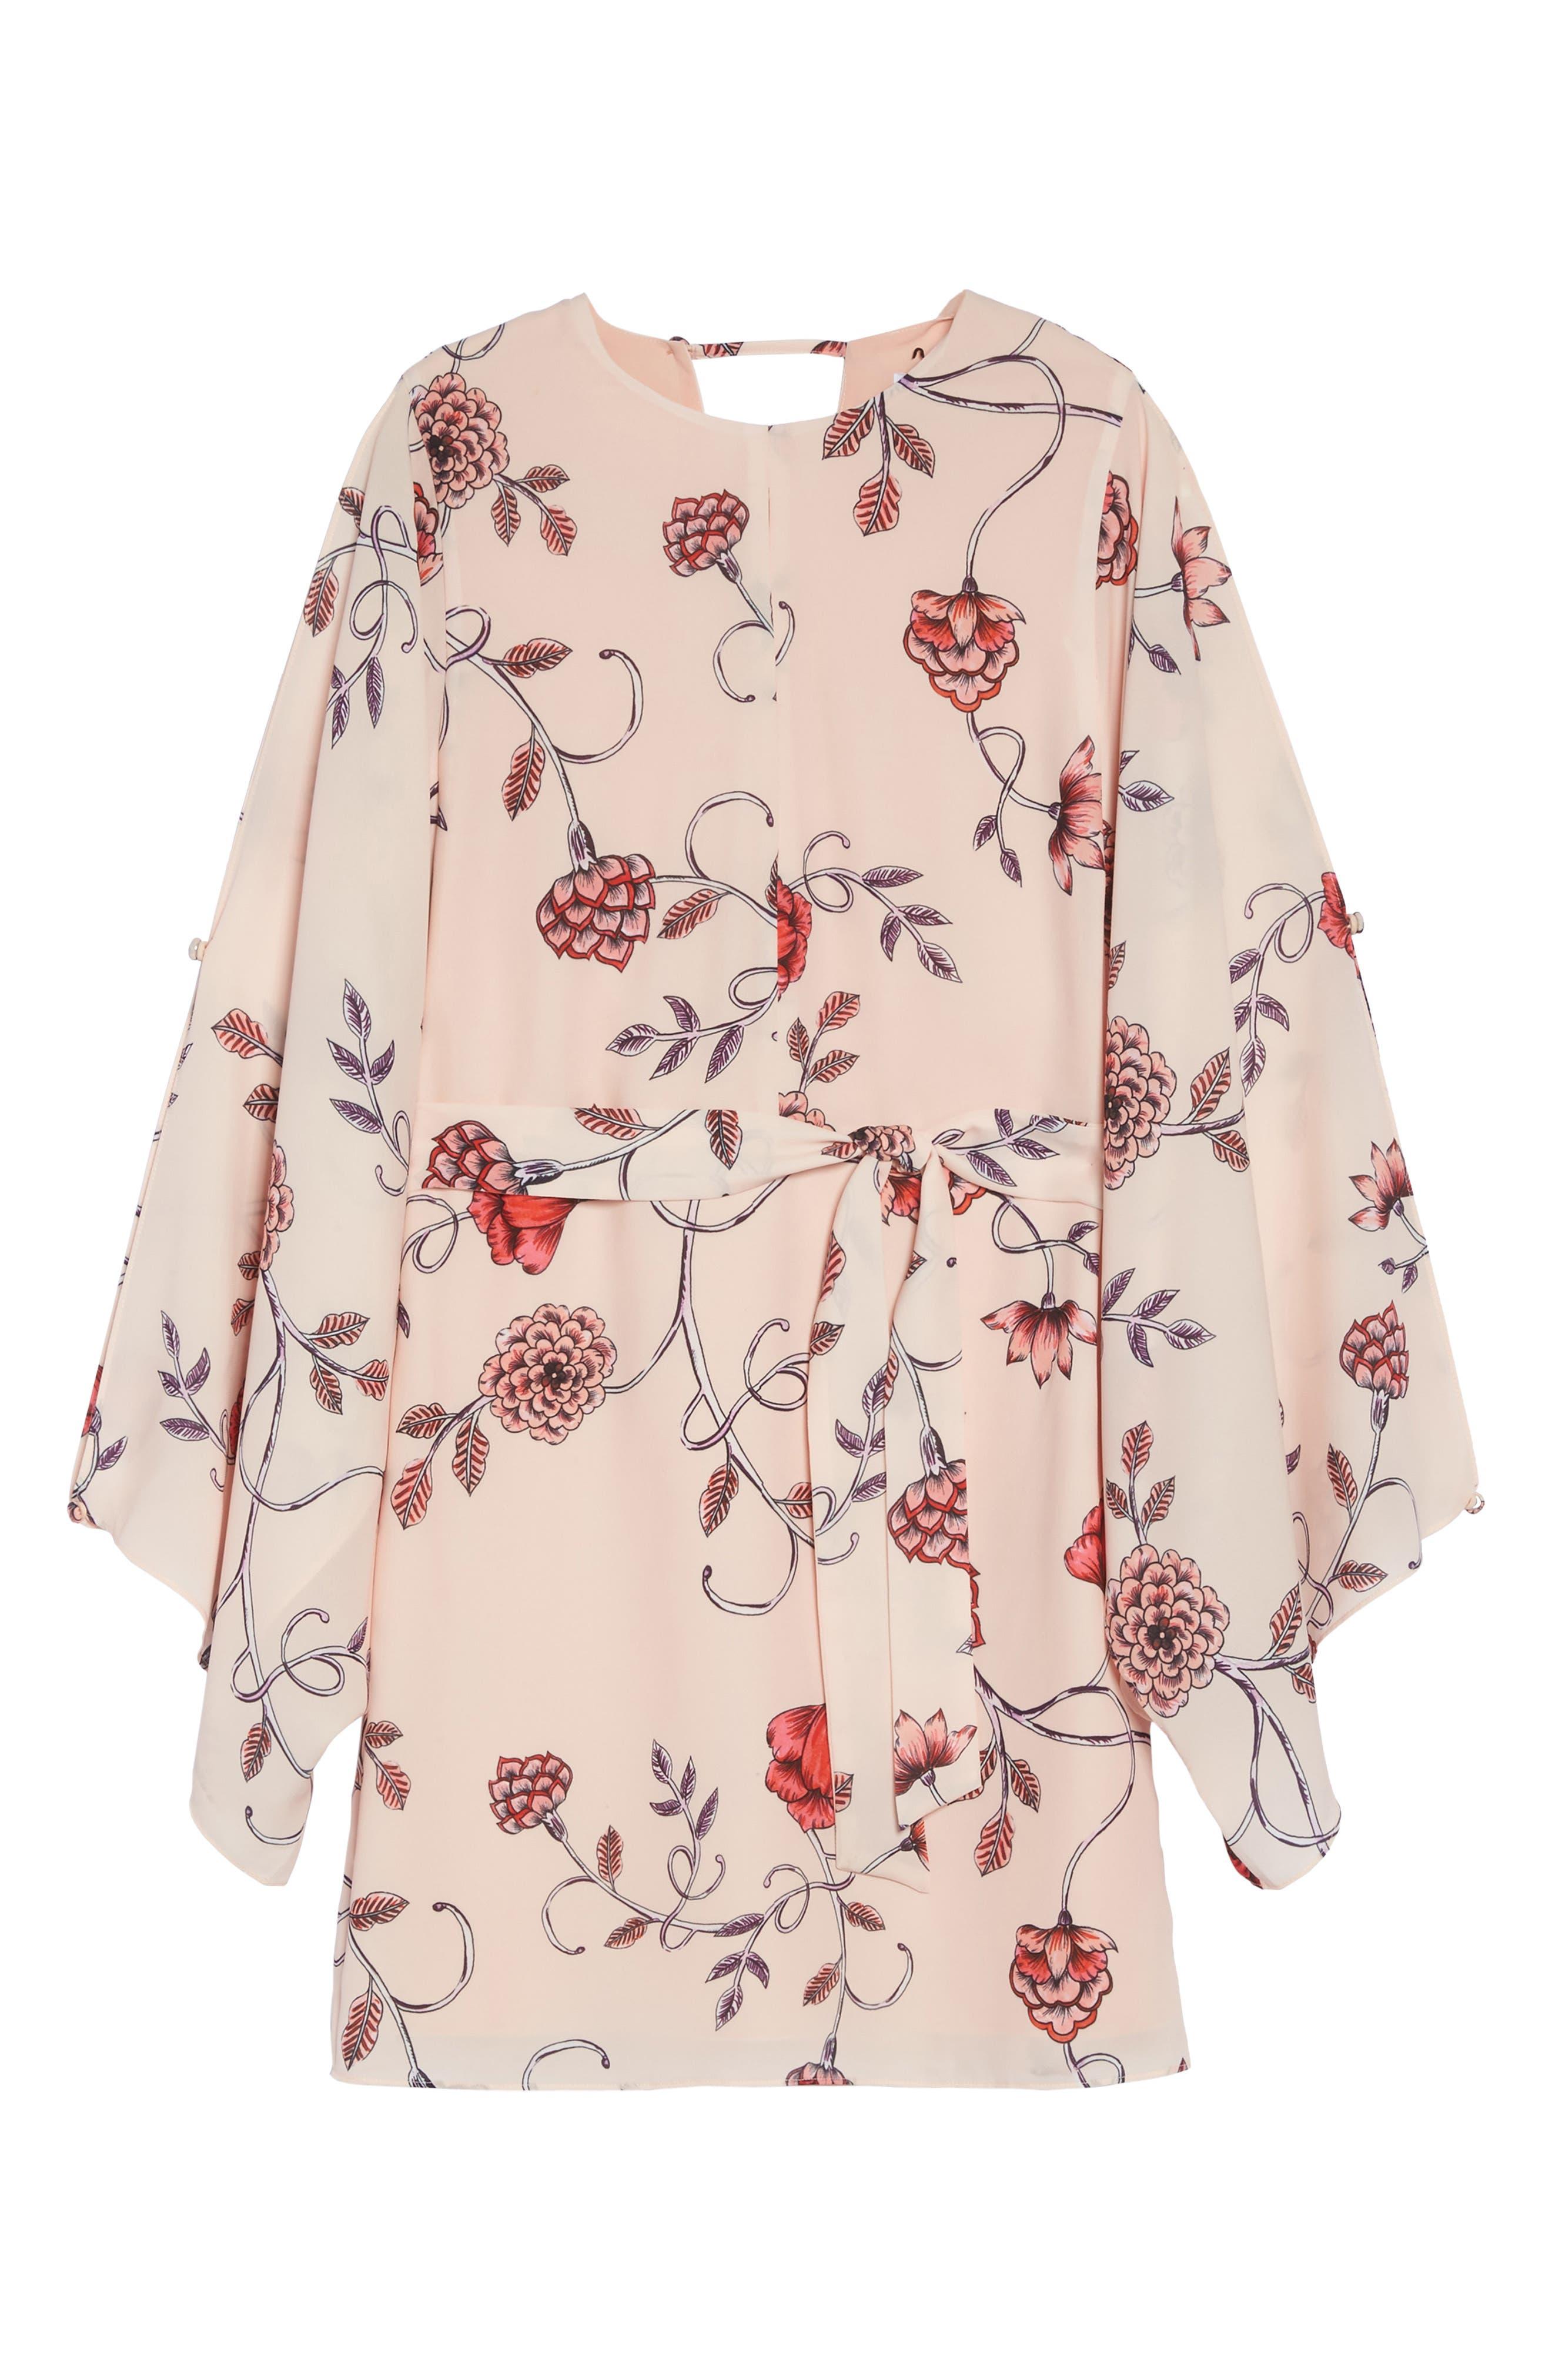 Sakura Bell Sleeve Dress,                             Alternate thumbnail 6, color,                             650